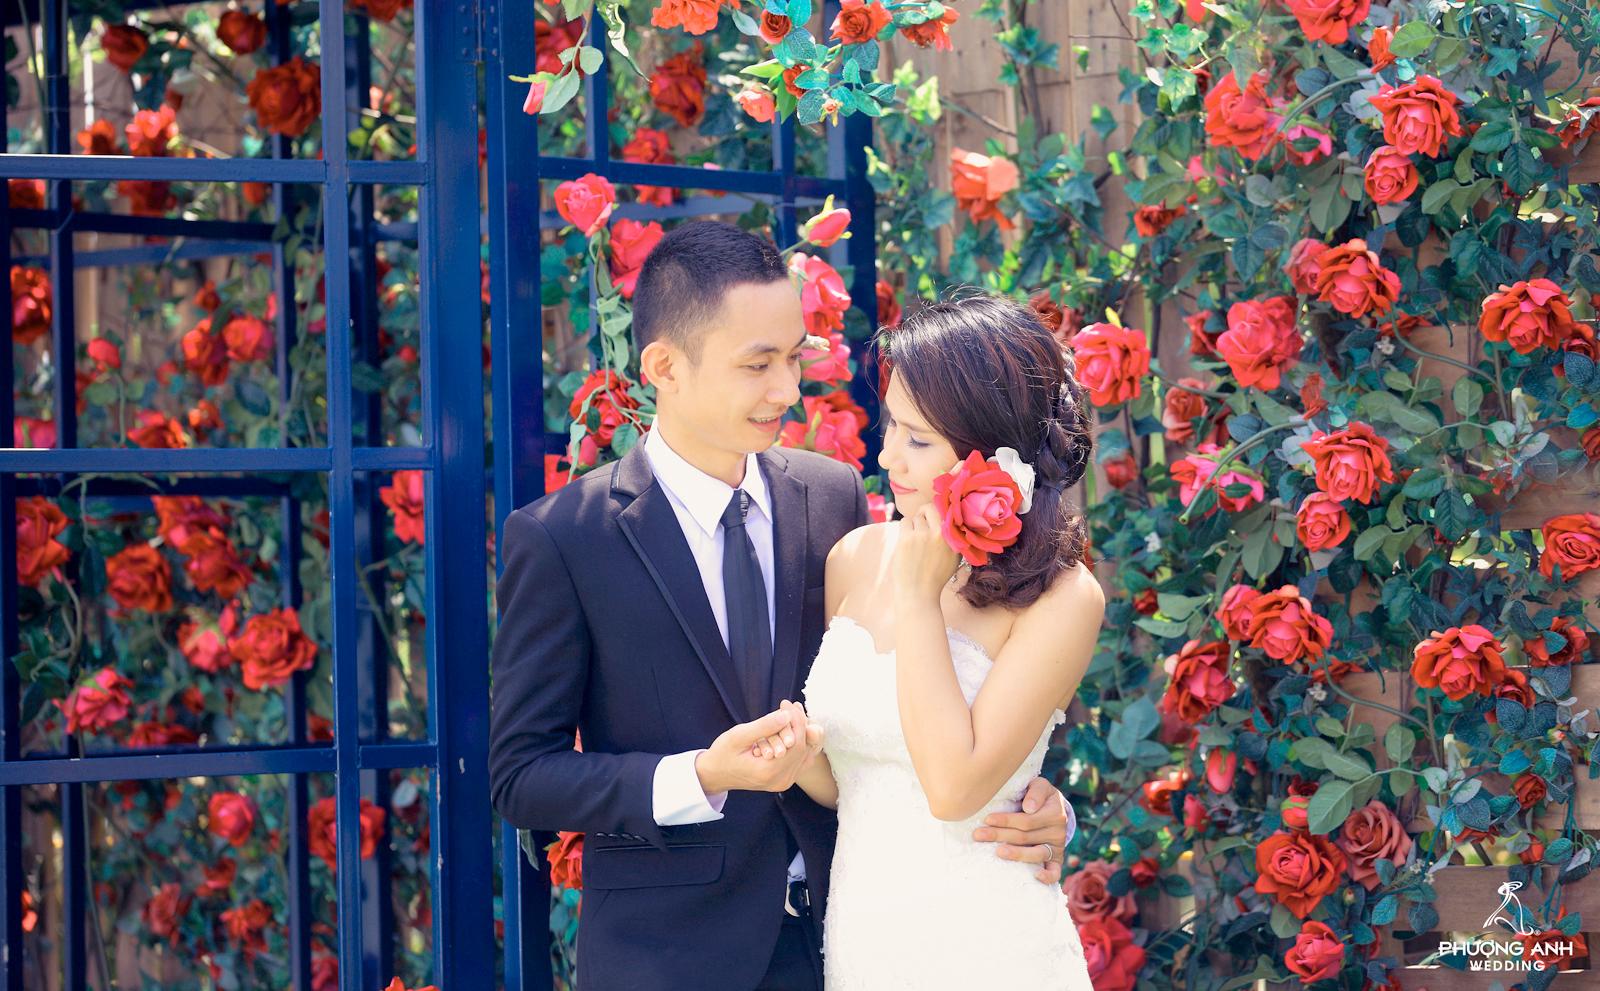 Cô dâu với tóc cài hoa hồng lãng mạn